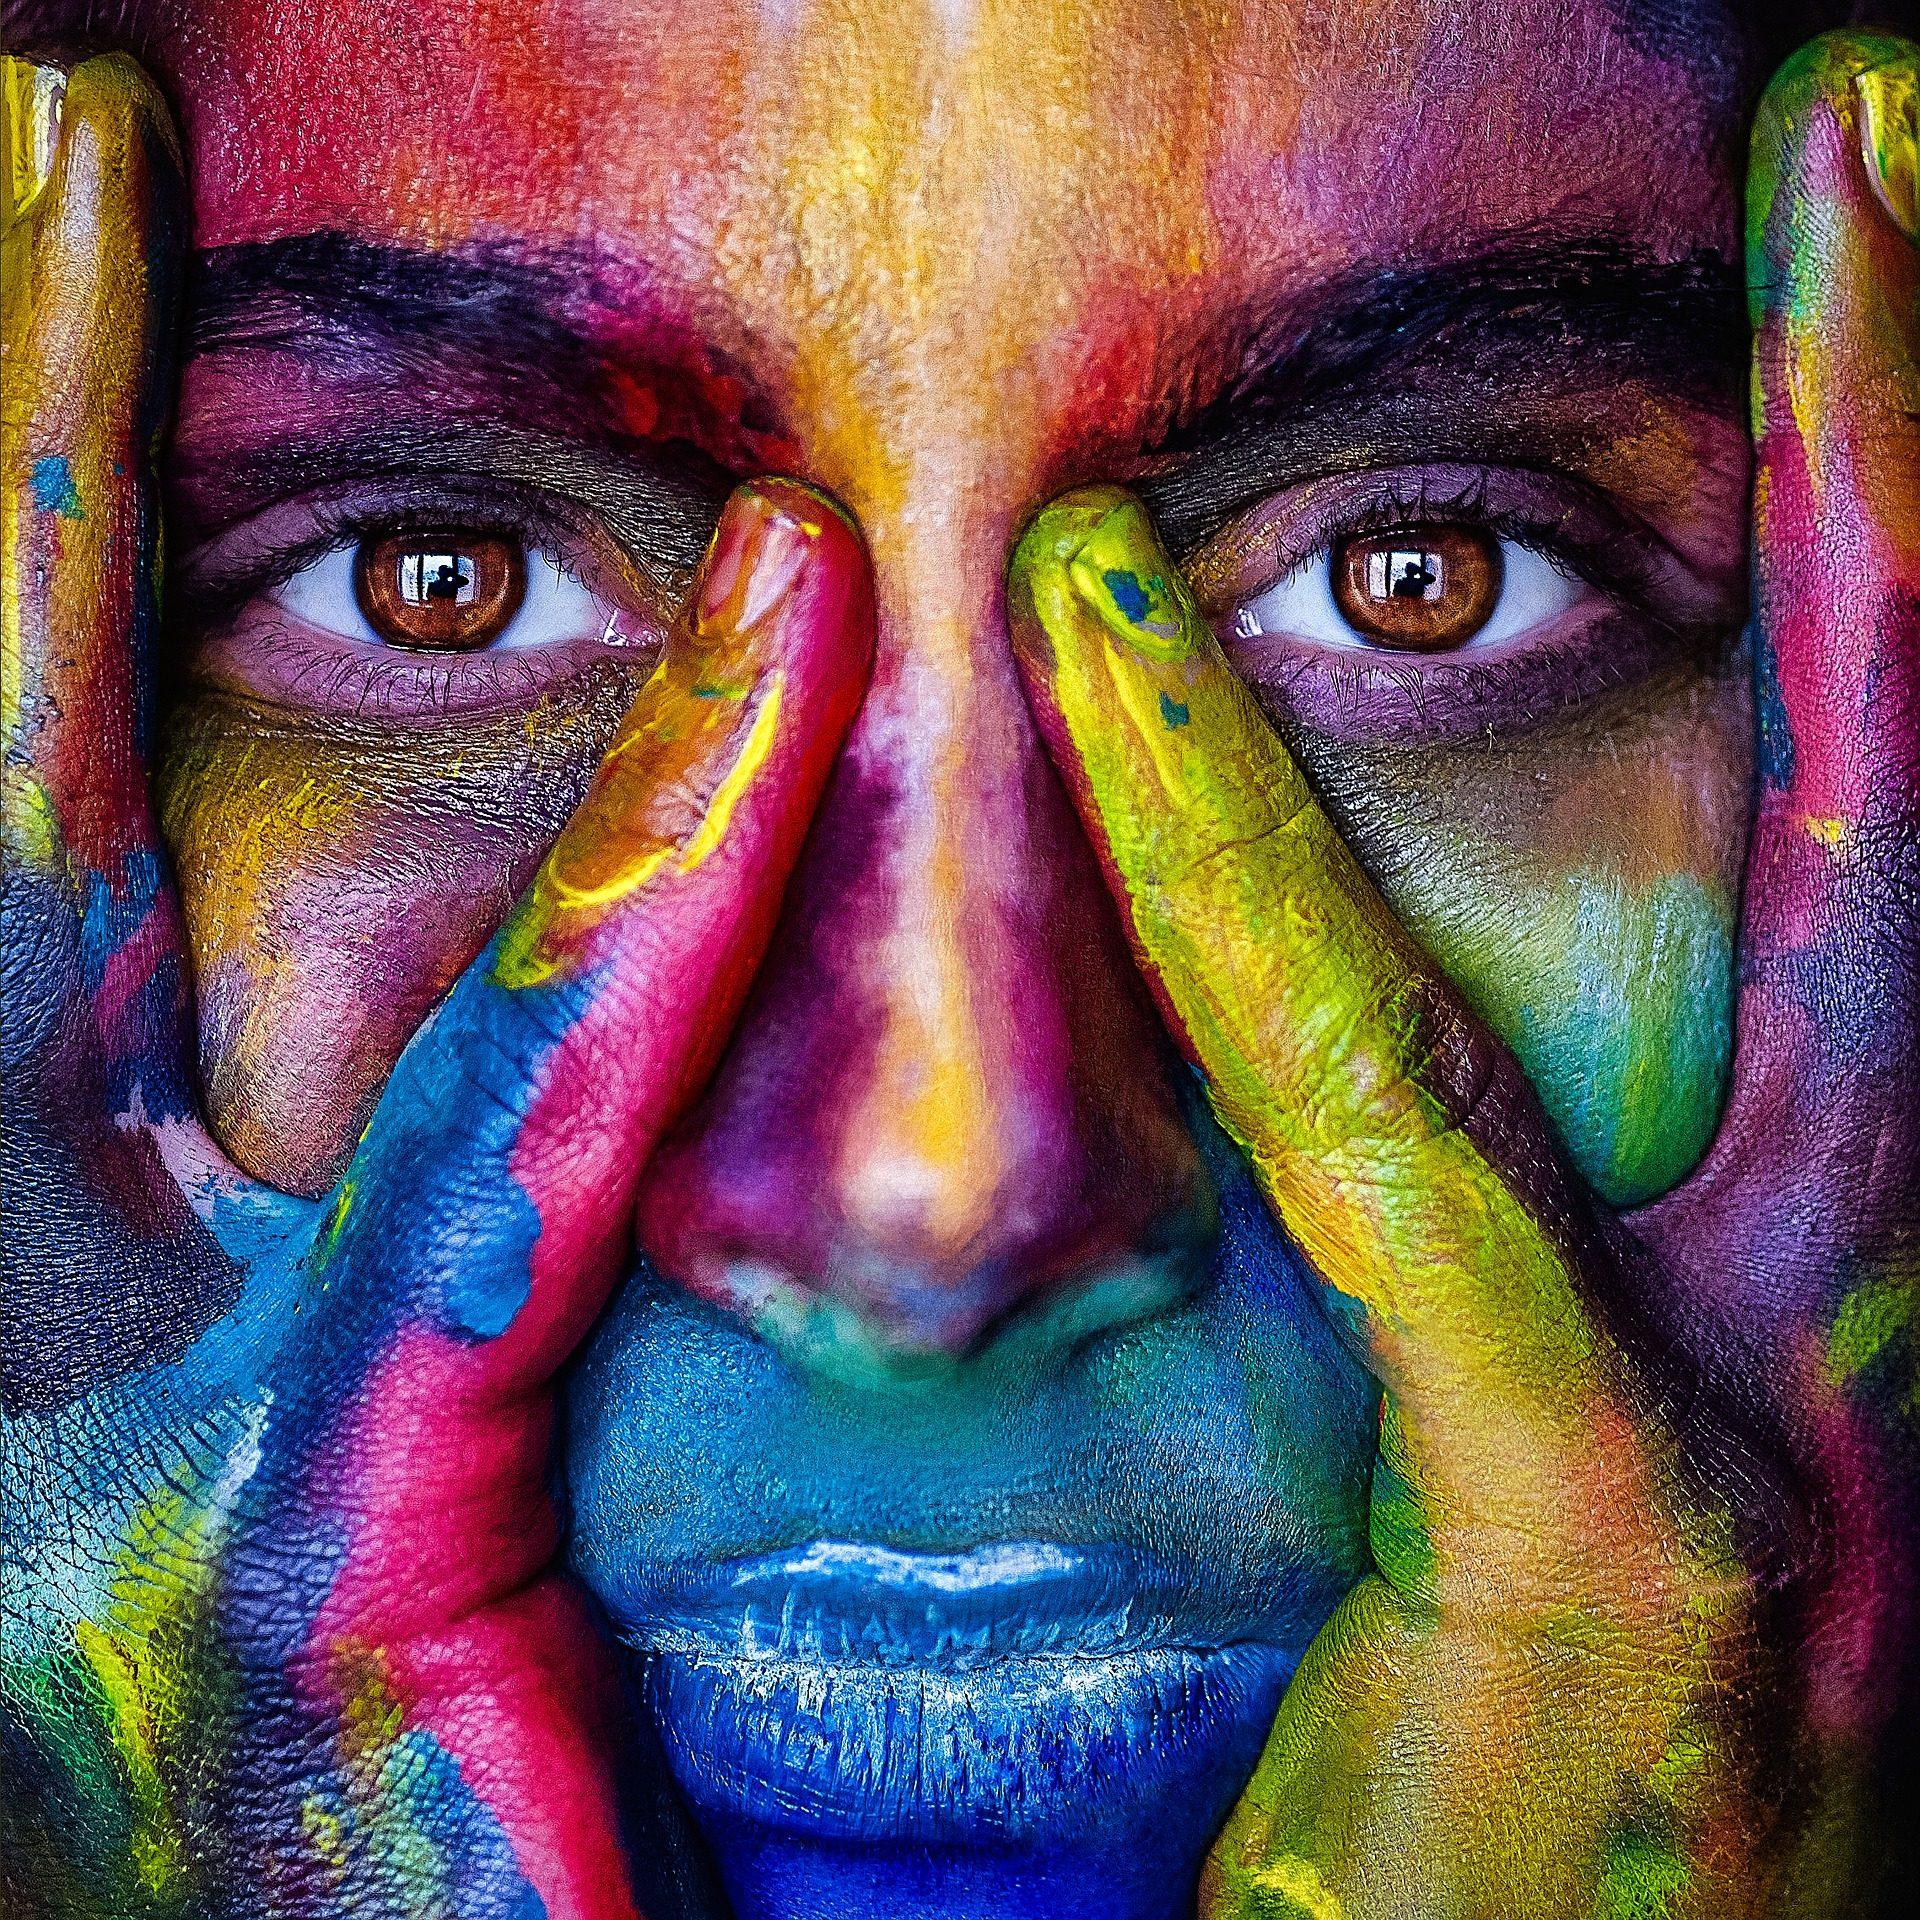 الوجه, امرأة, اللوحة, ملون, عيون, أيدي - خلفيات عالية الدقة - أستاذ falken.com